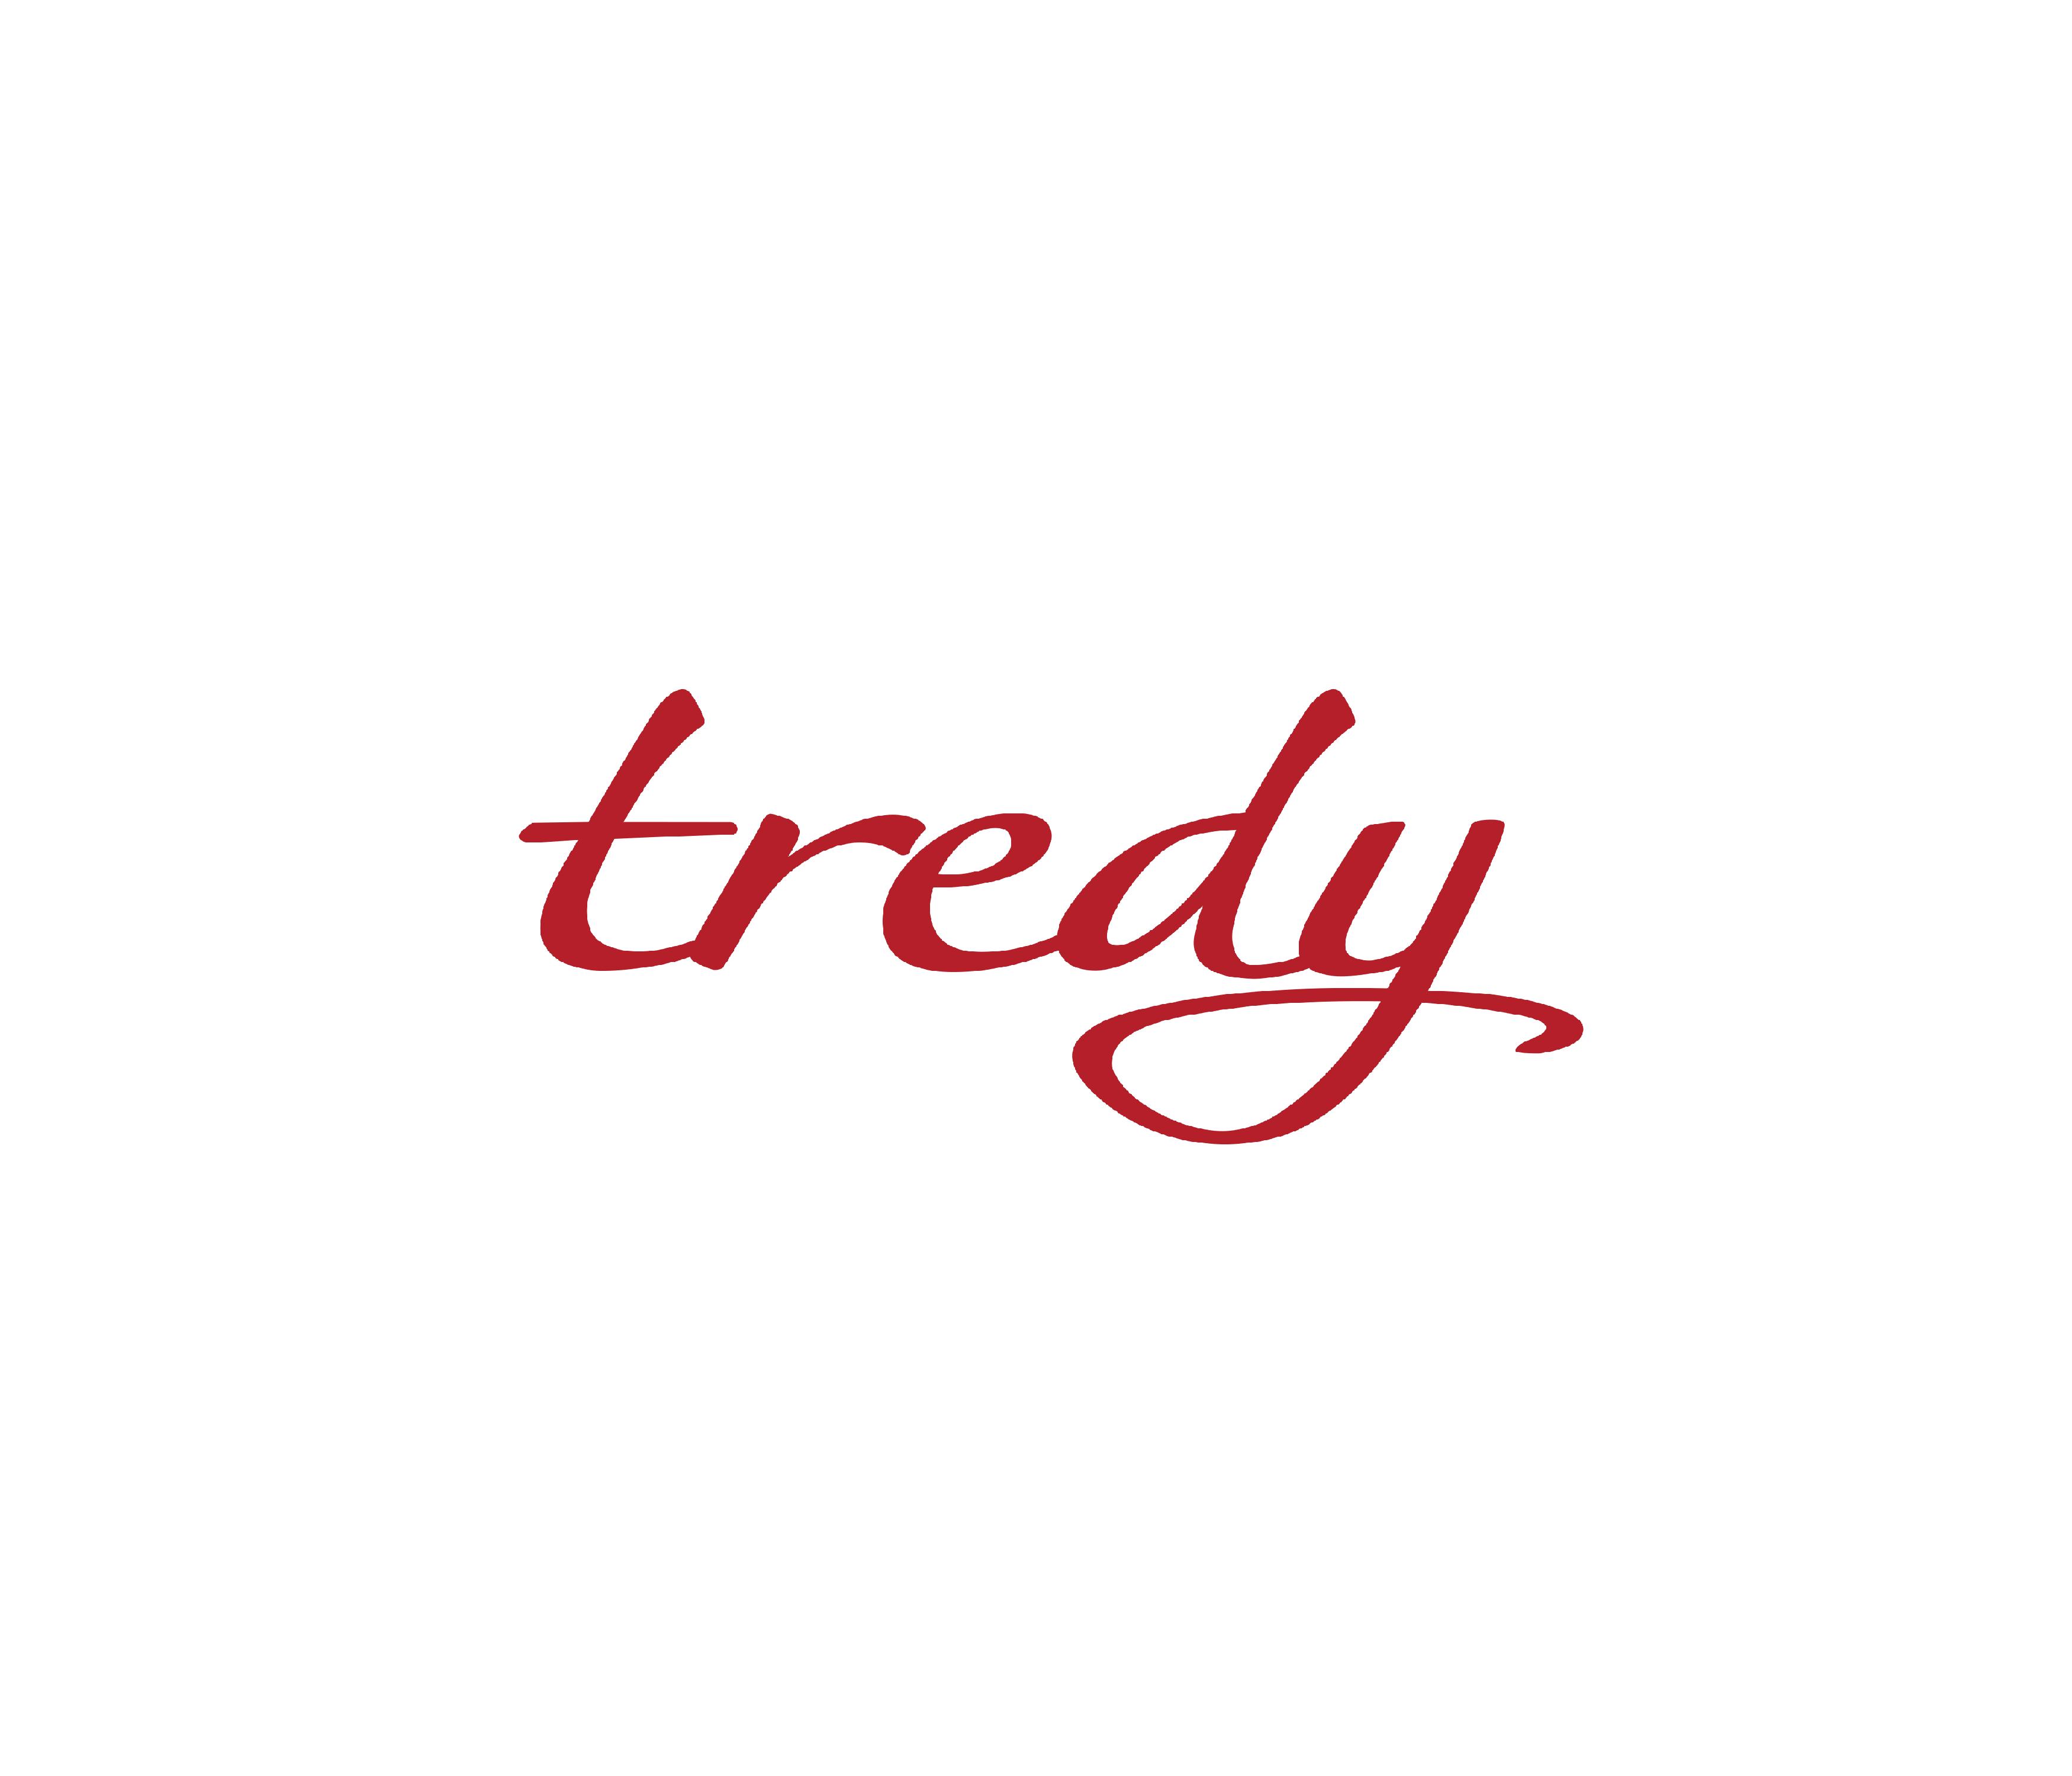 Tredy